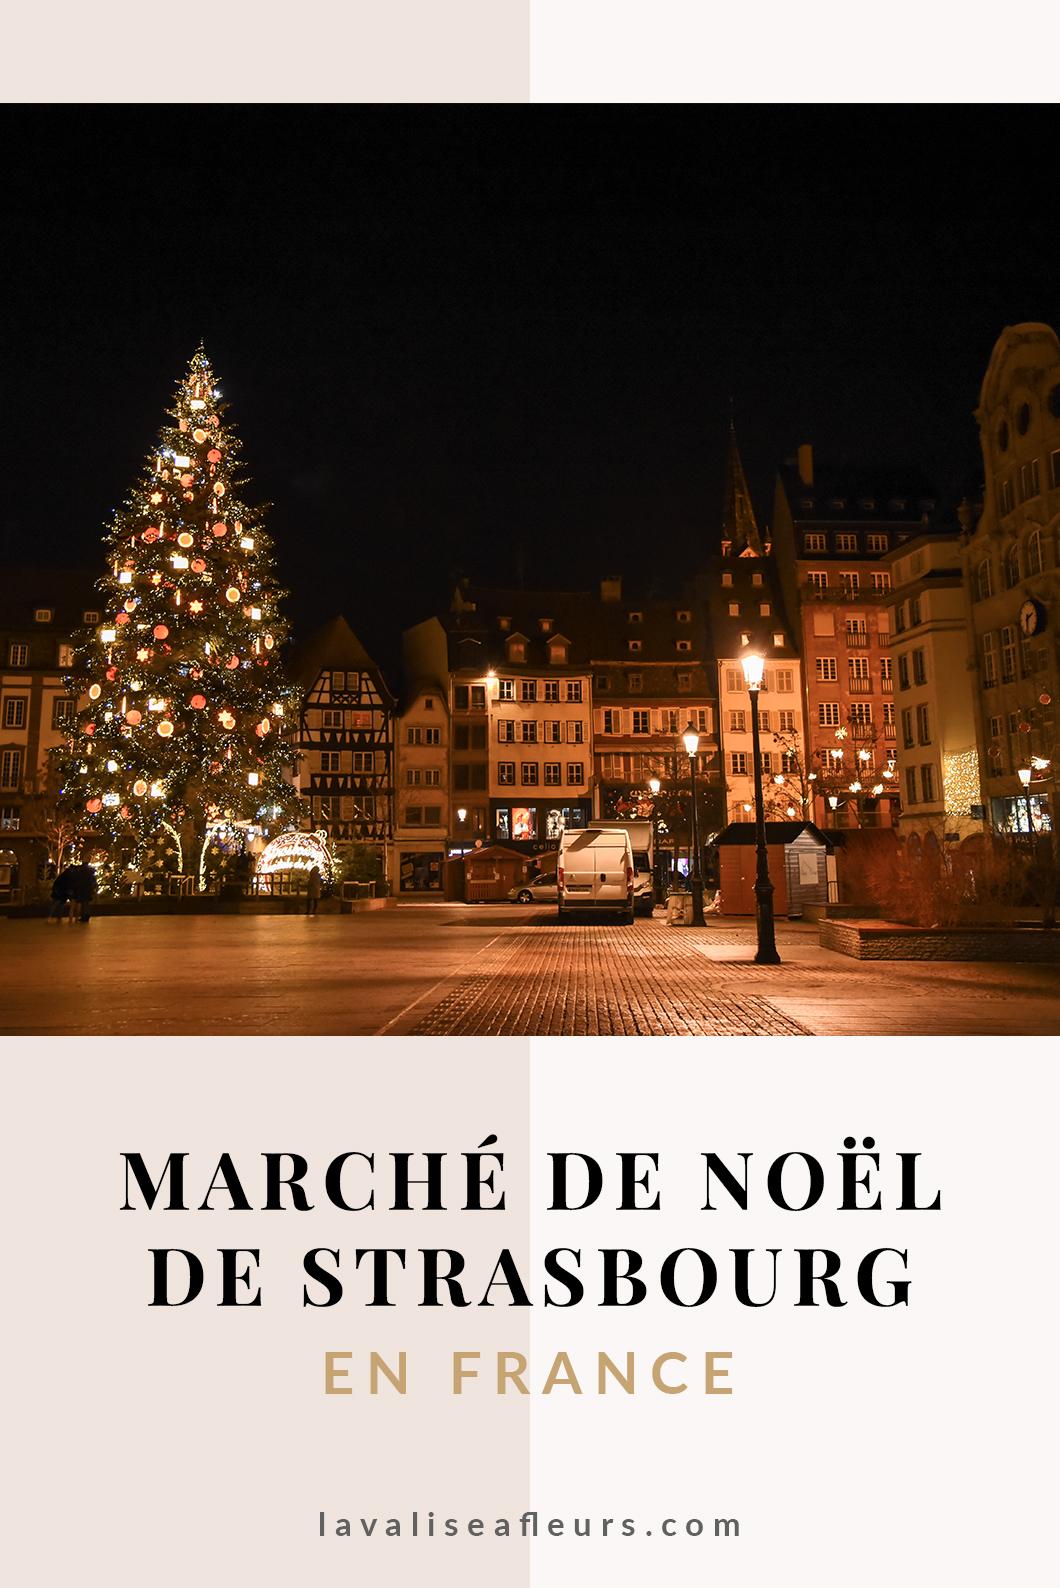 Le marché de Noël de Strasbourg en France